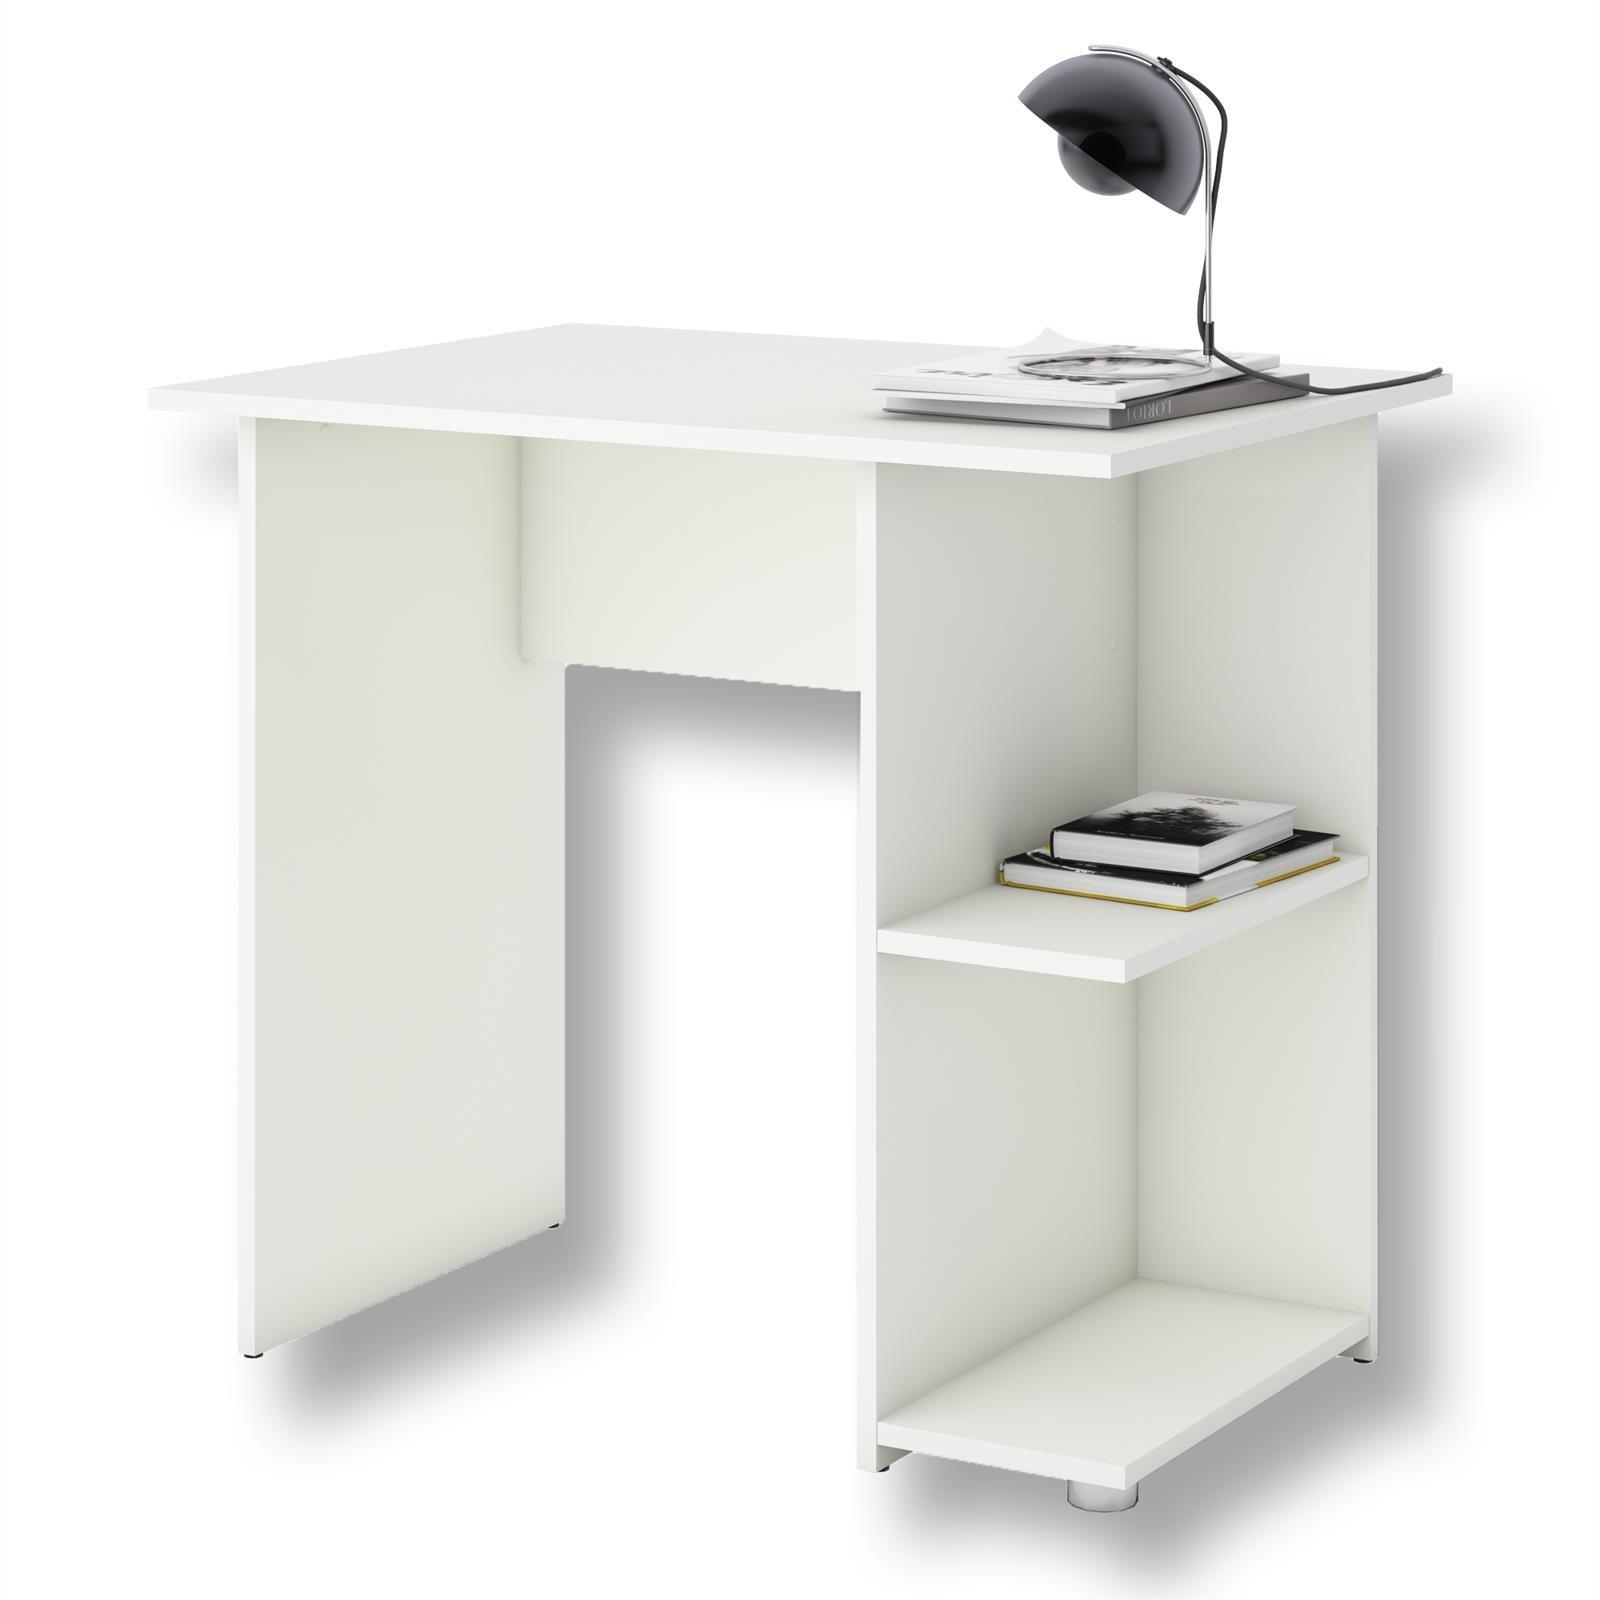 IDIMEX Bureau pour Enfant ou Adulte Nova, Bureau Informatique Table d'ordinateur avec Rangement Ouvert 2 tablettes latérales, en mélaminé Blanc Mat product image